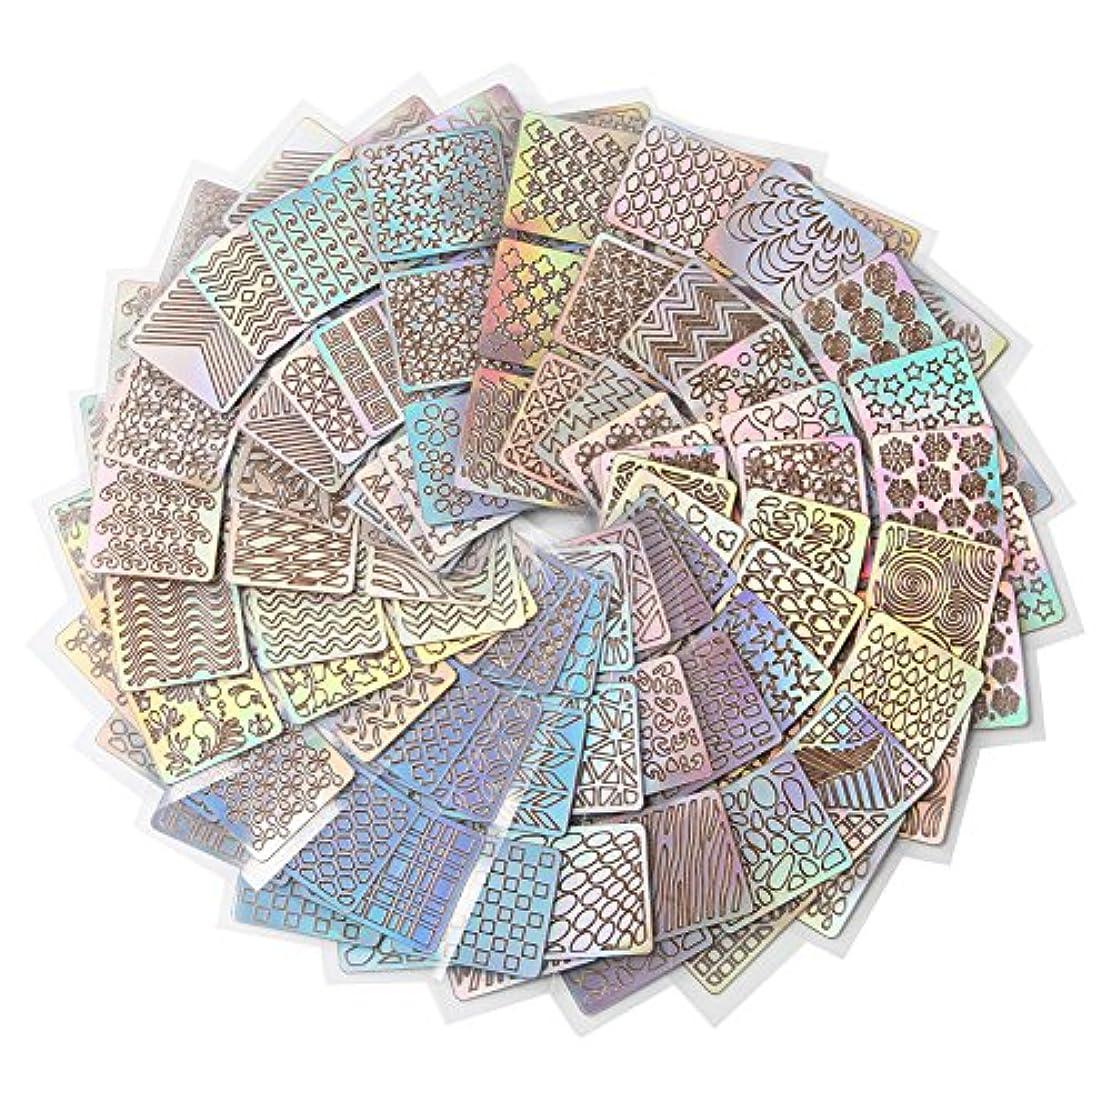 南西インド間違いなくDemiawaking ネイル用装飾 可愛いネイル飾り テープ ネイル パーツ ネイルーシール 今年流行ネイティブ柄ネイルステッカー 24枚セット